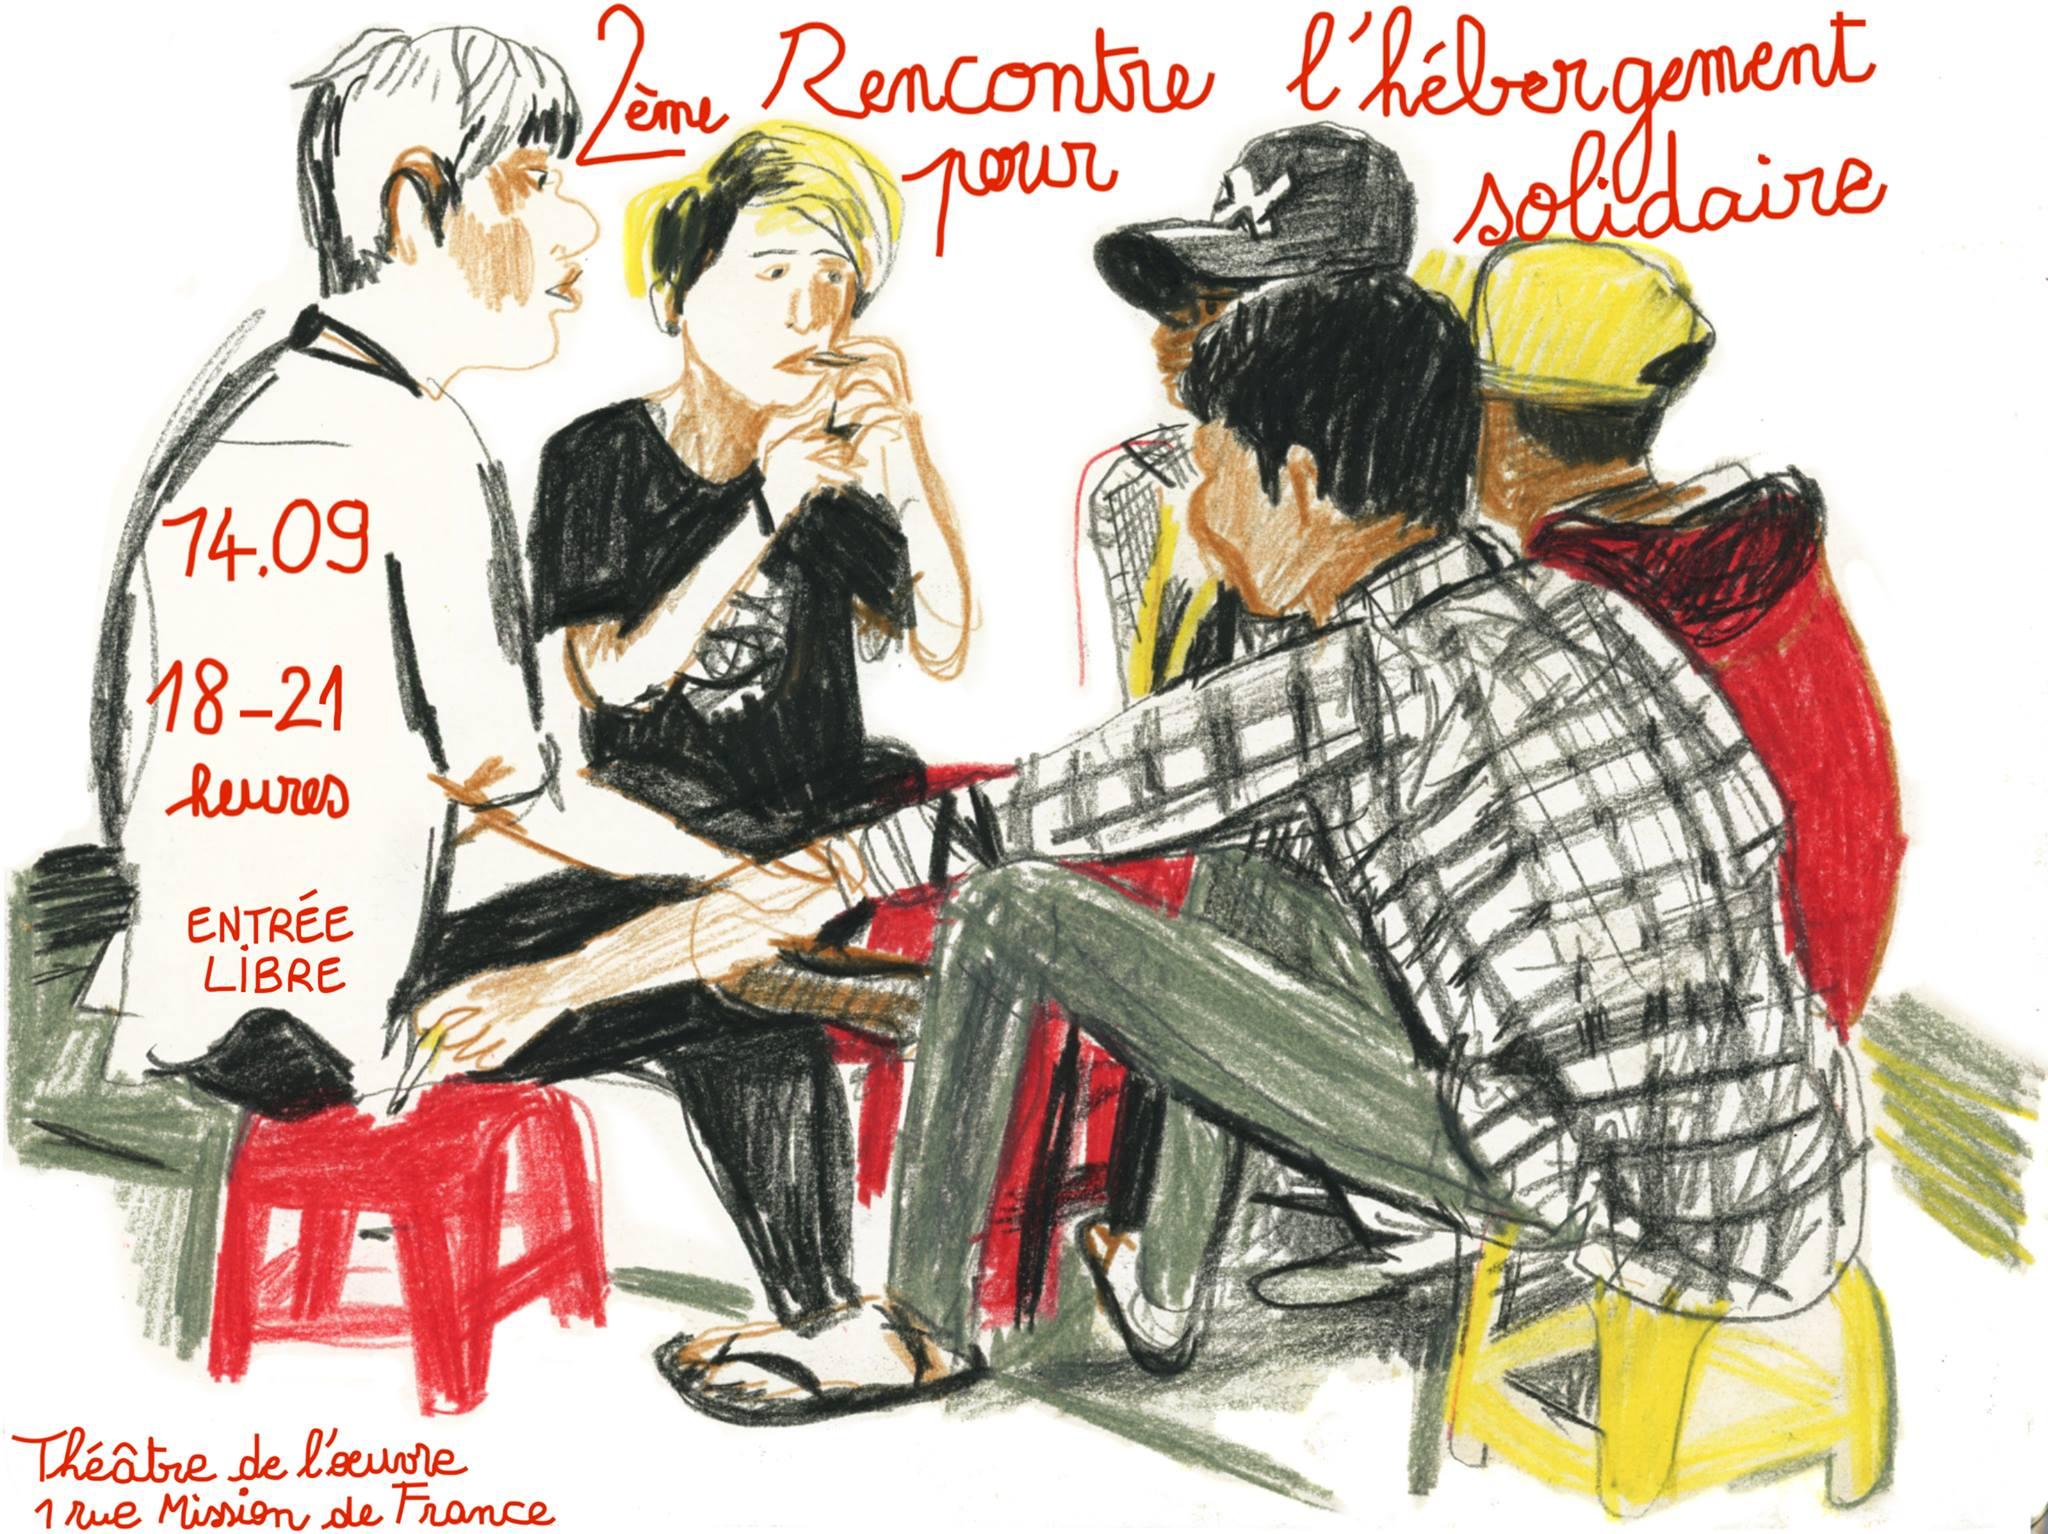 2ÈME RENCONTRE POUR L'HÉBERGEMENT SOLIDAIRE – 14 Septembre 2018, Théâtre de l'Oeuvre